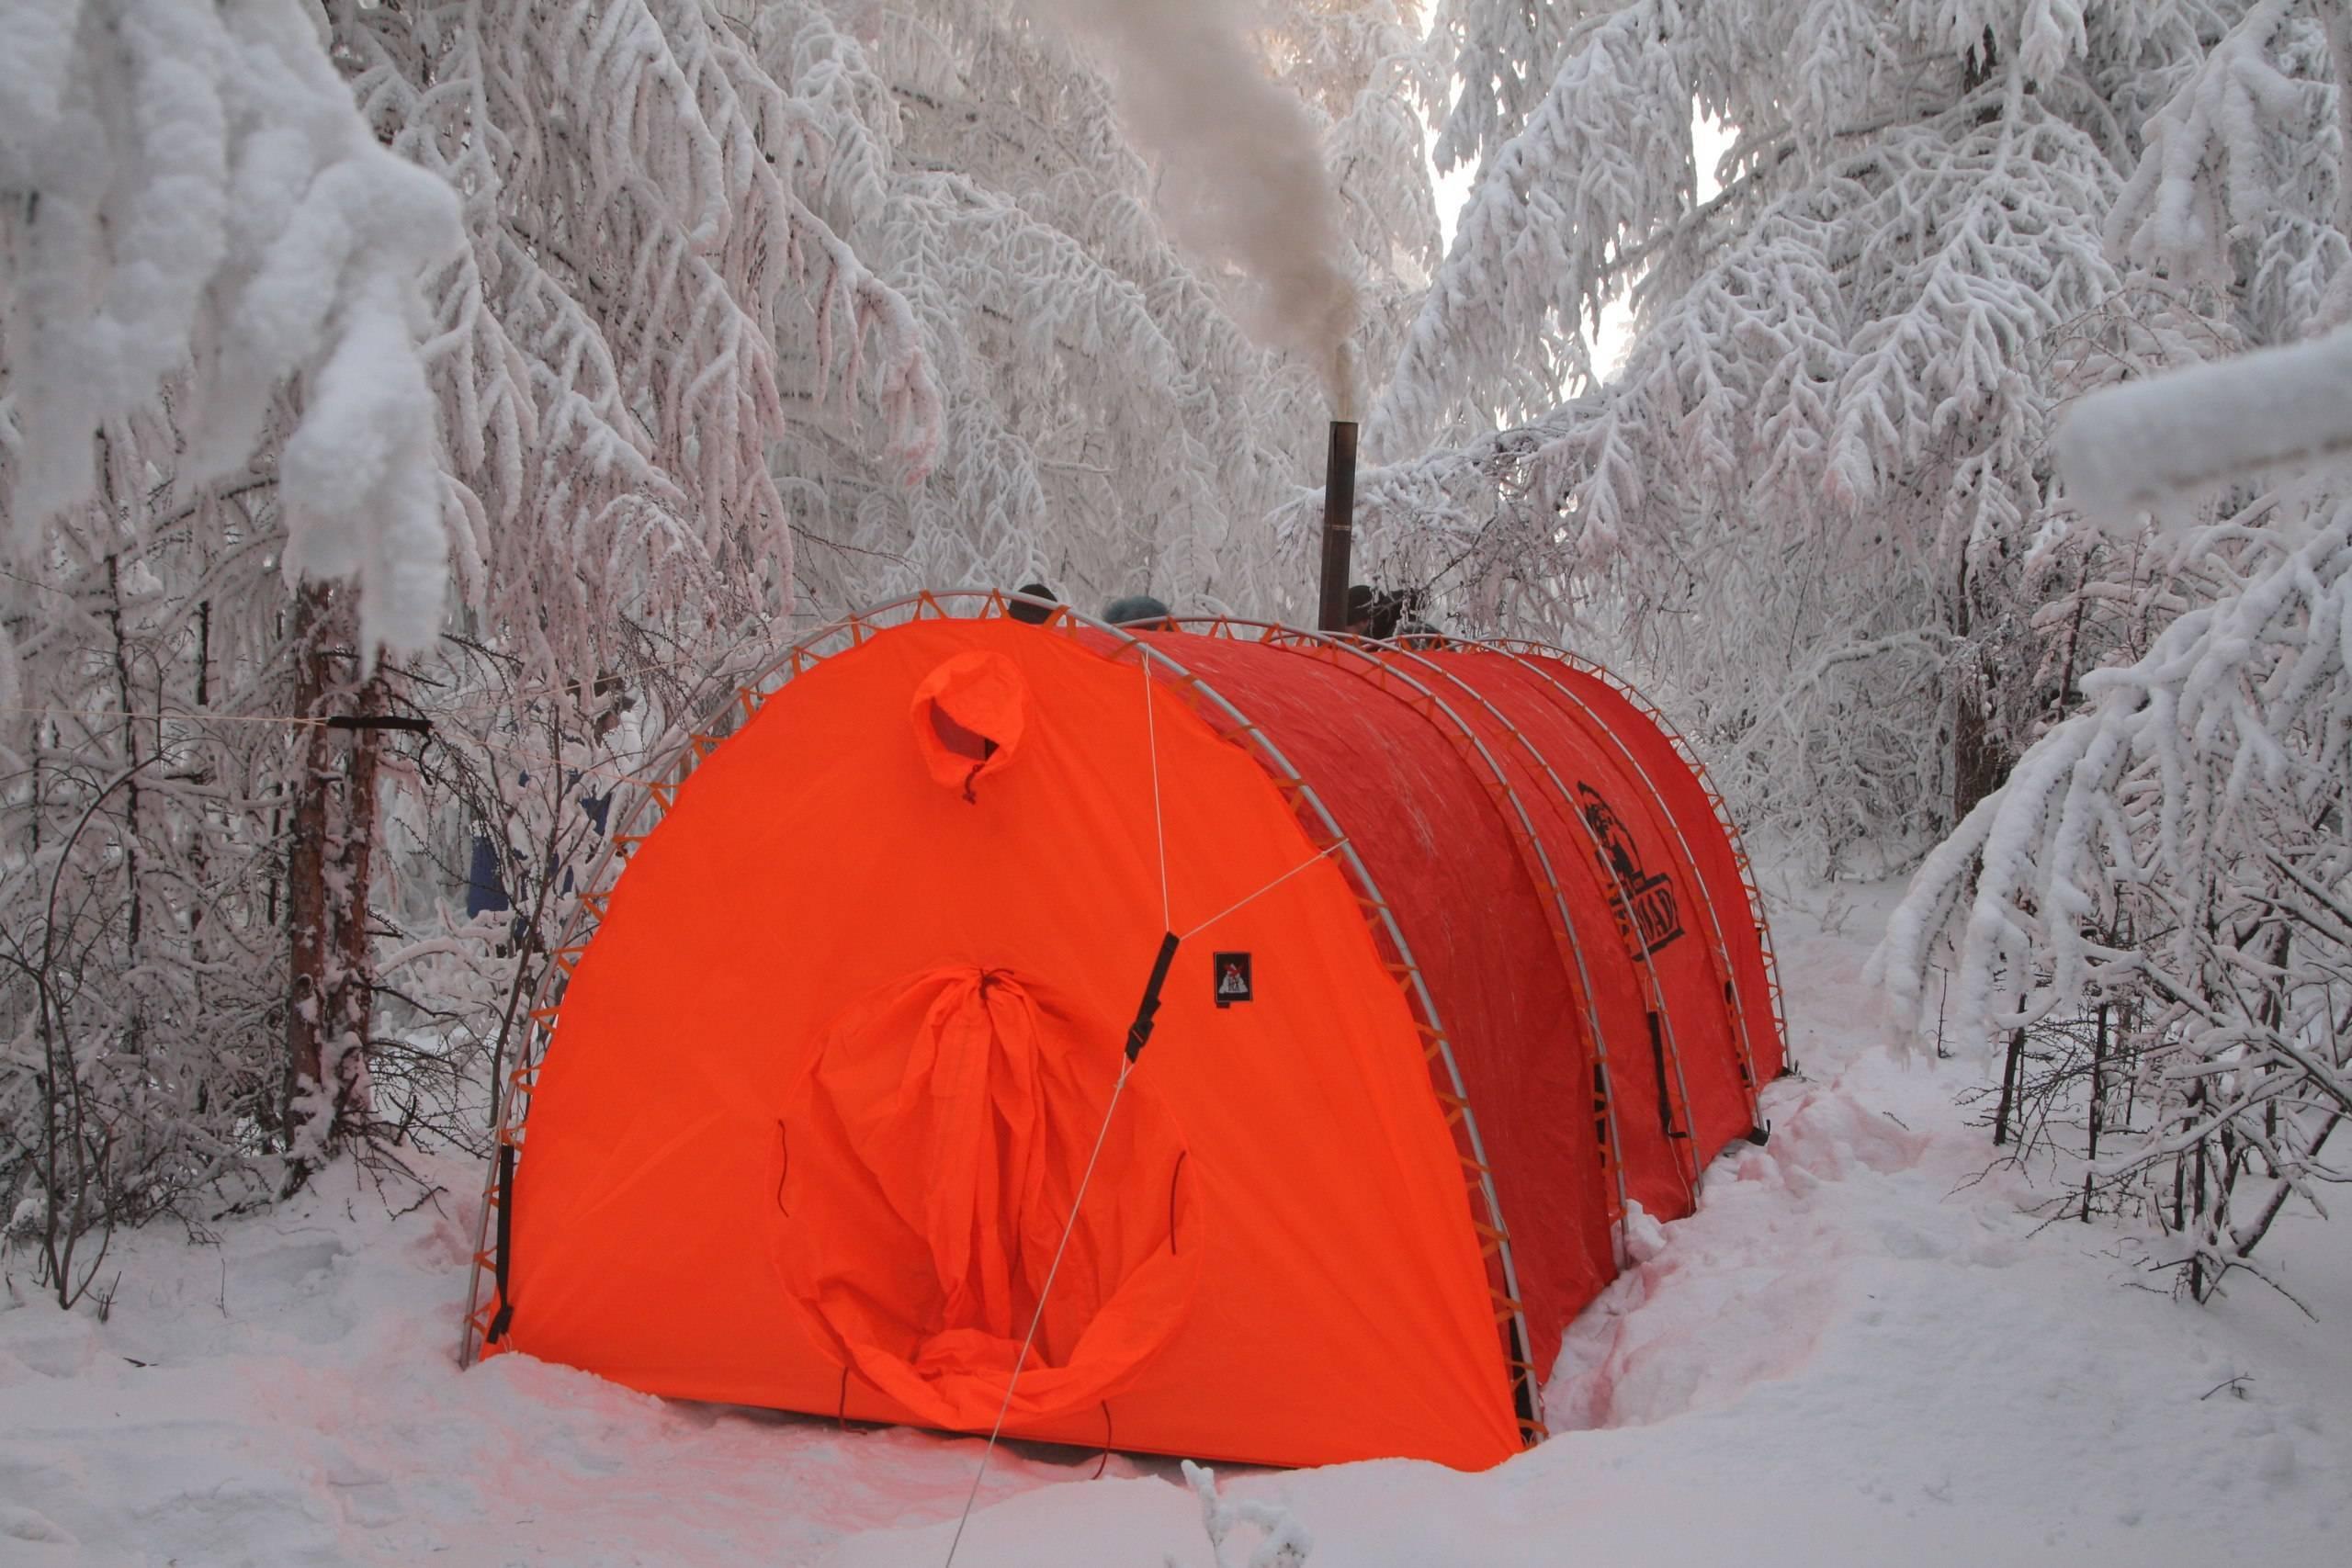 Виды отопления для палатки или обогрев без угара